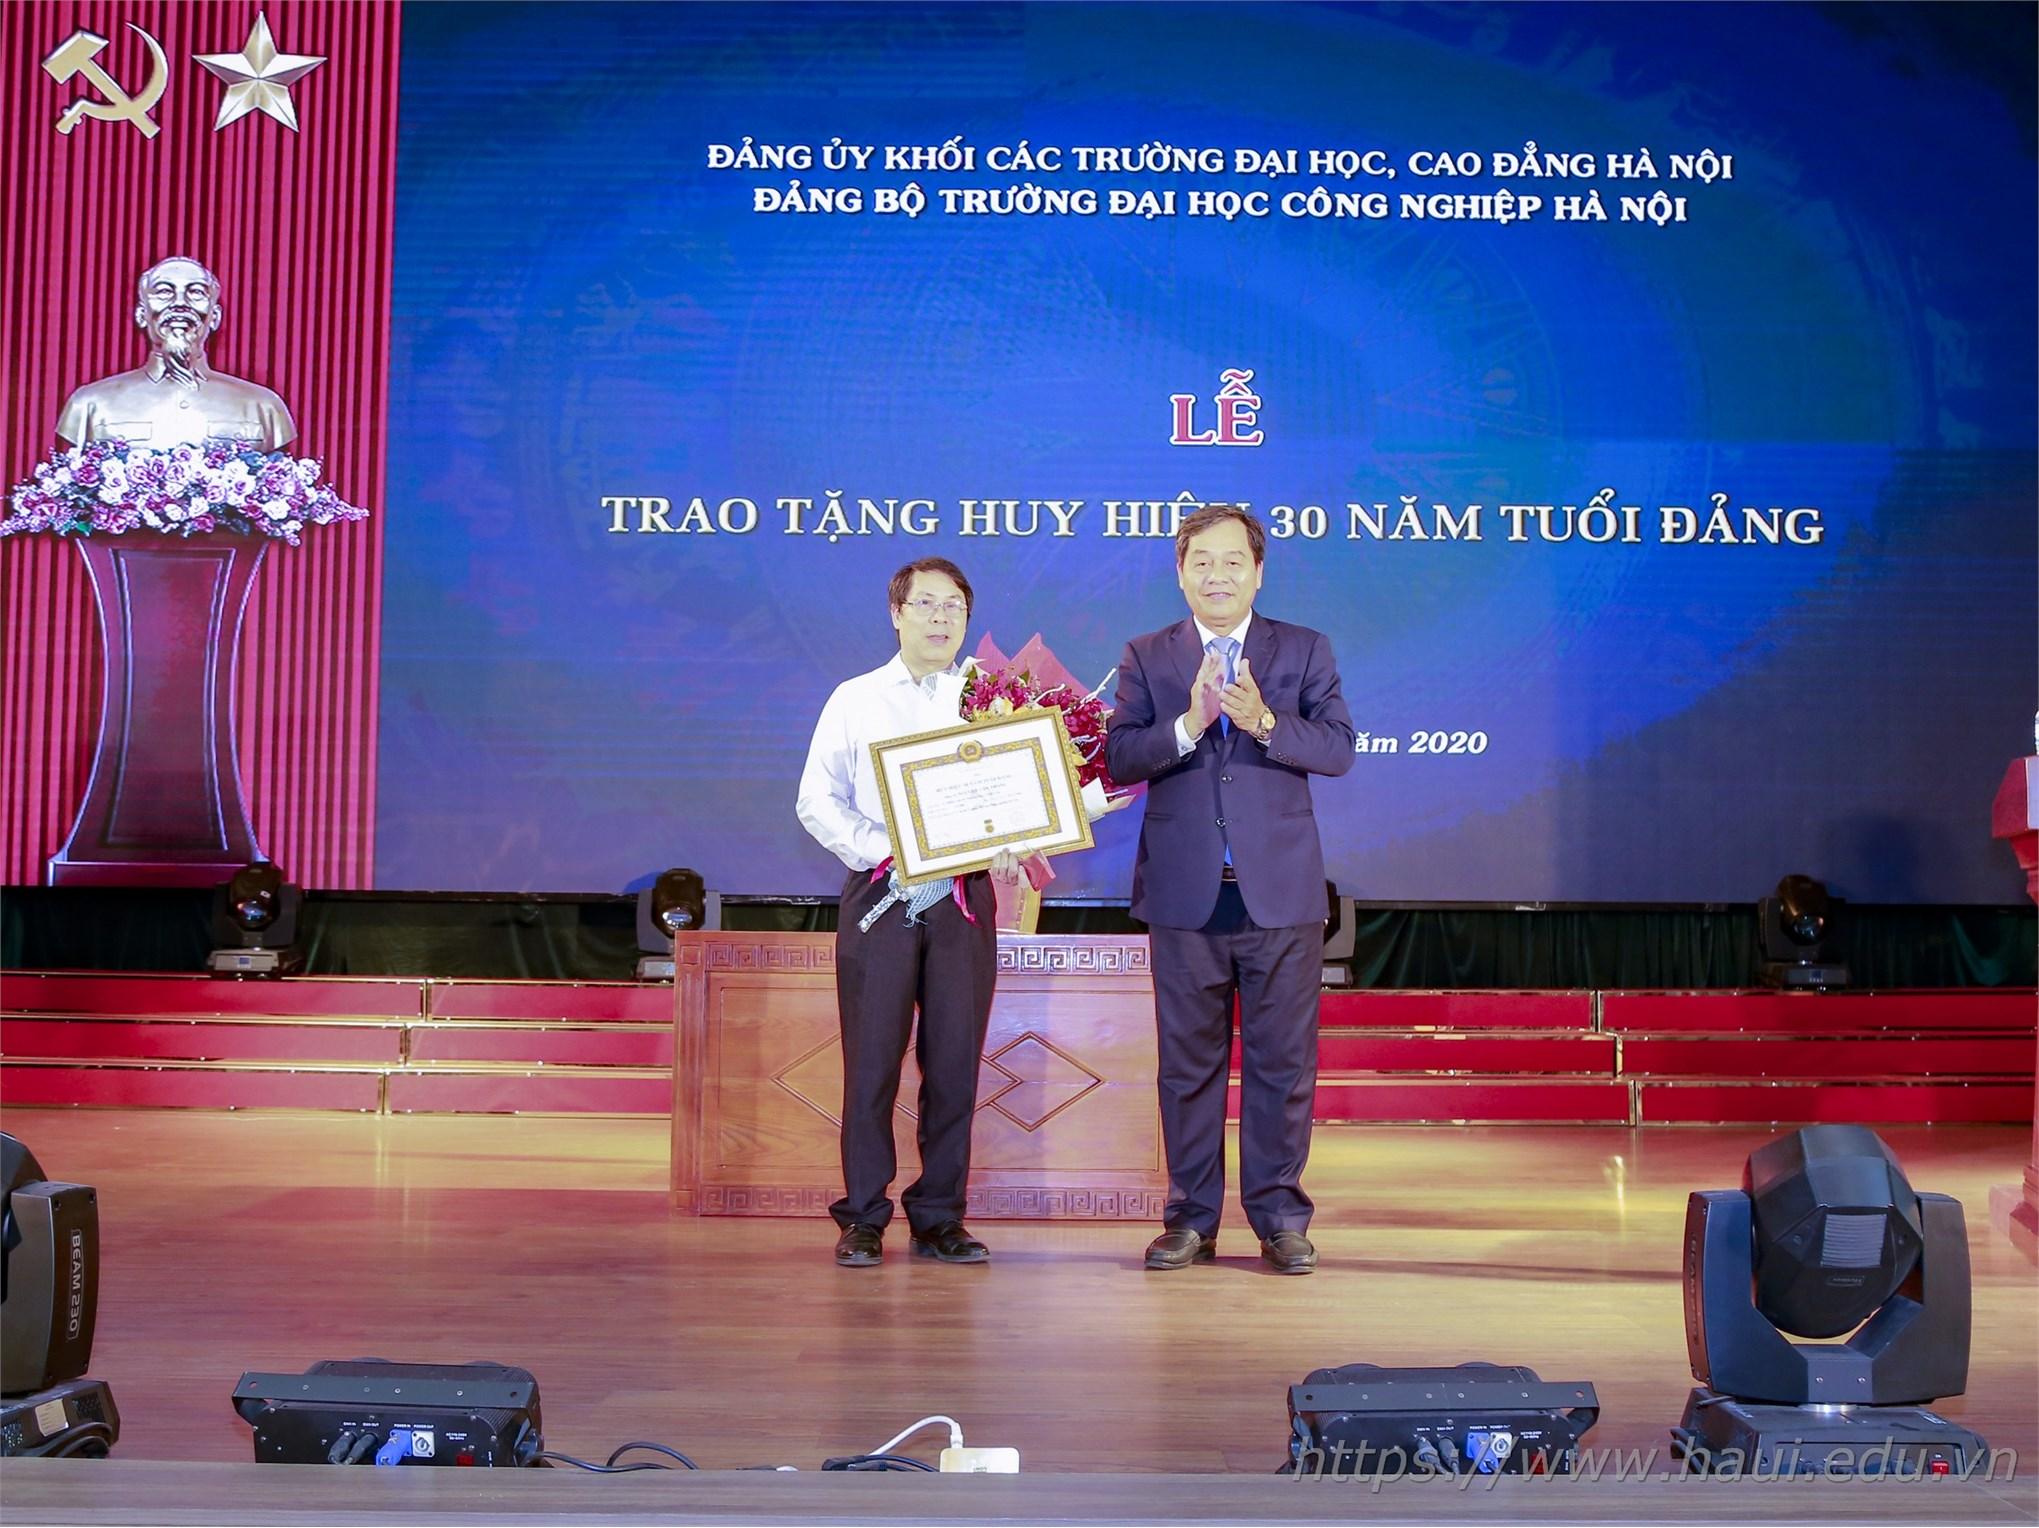 Trao tặng Huy hiệu 30 năm tuổi Đảng và Sơ kết công tác Đảng 6 tháng đầu năm 2020